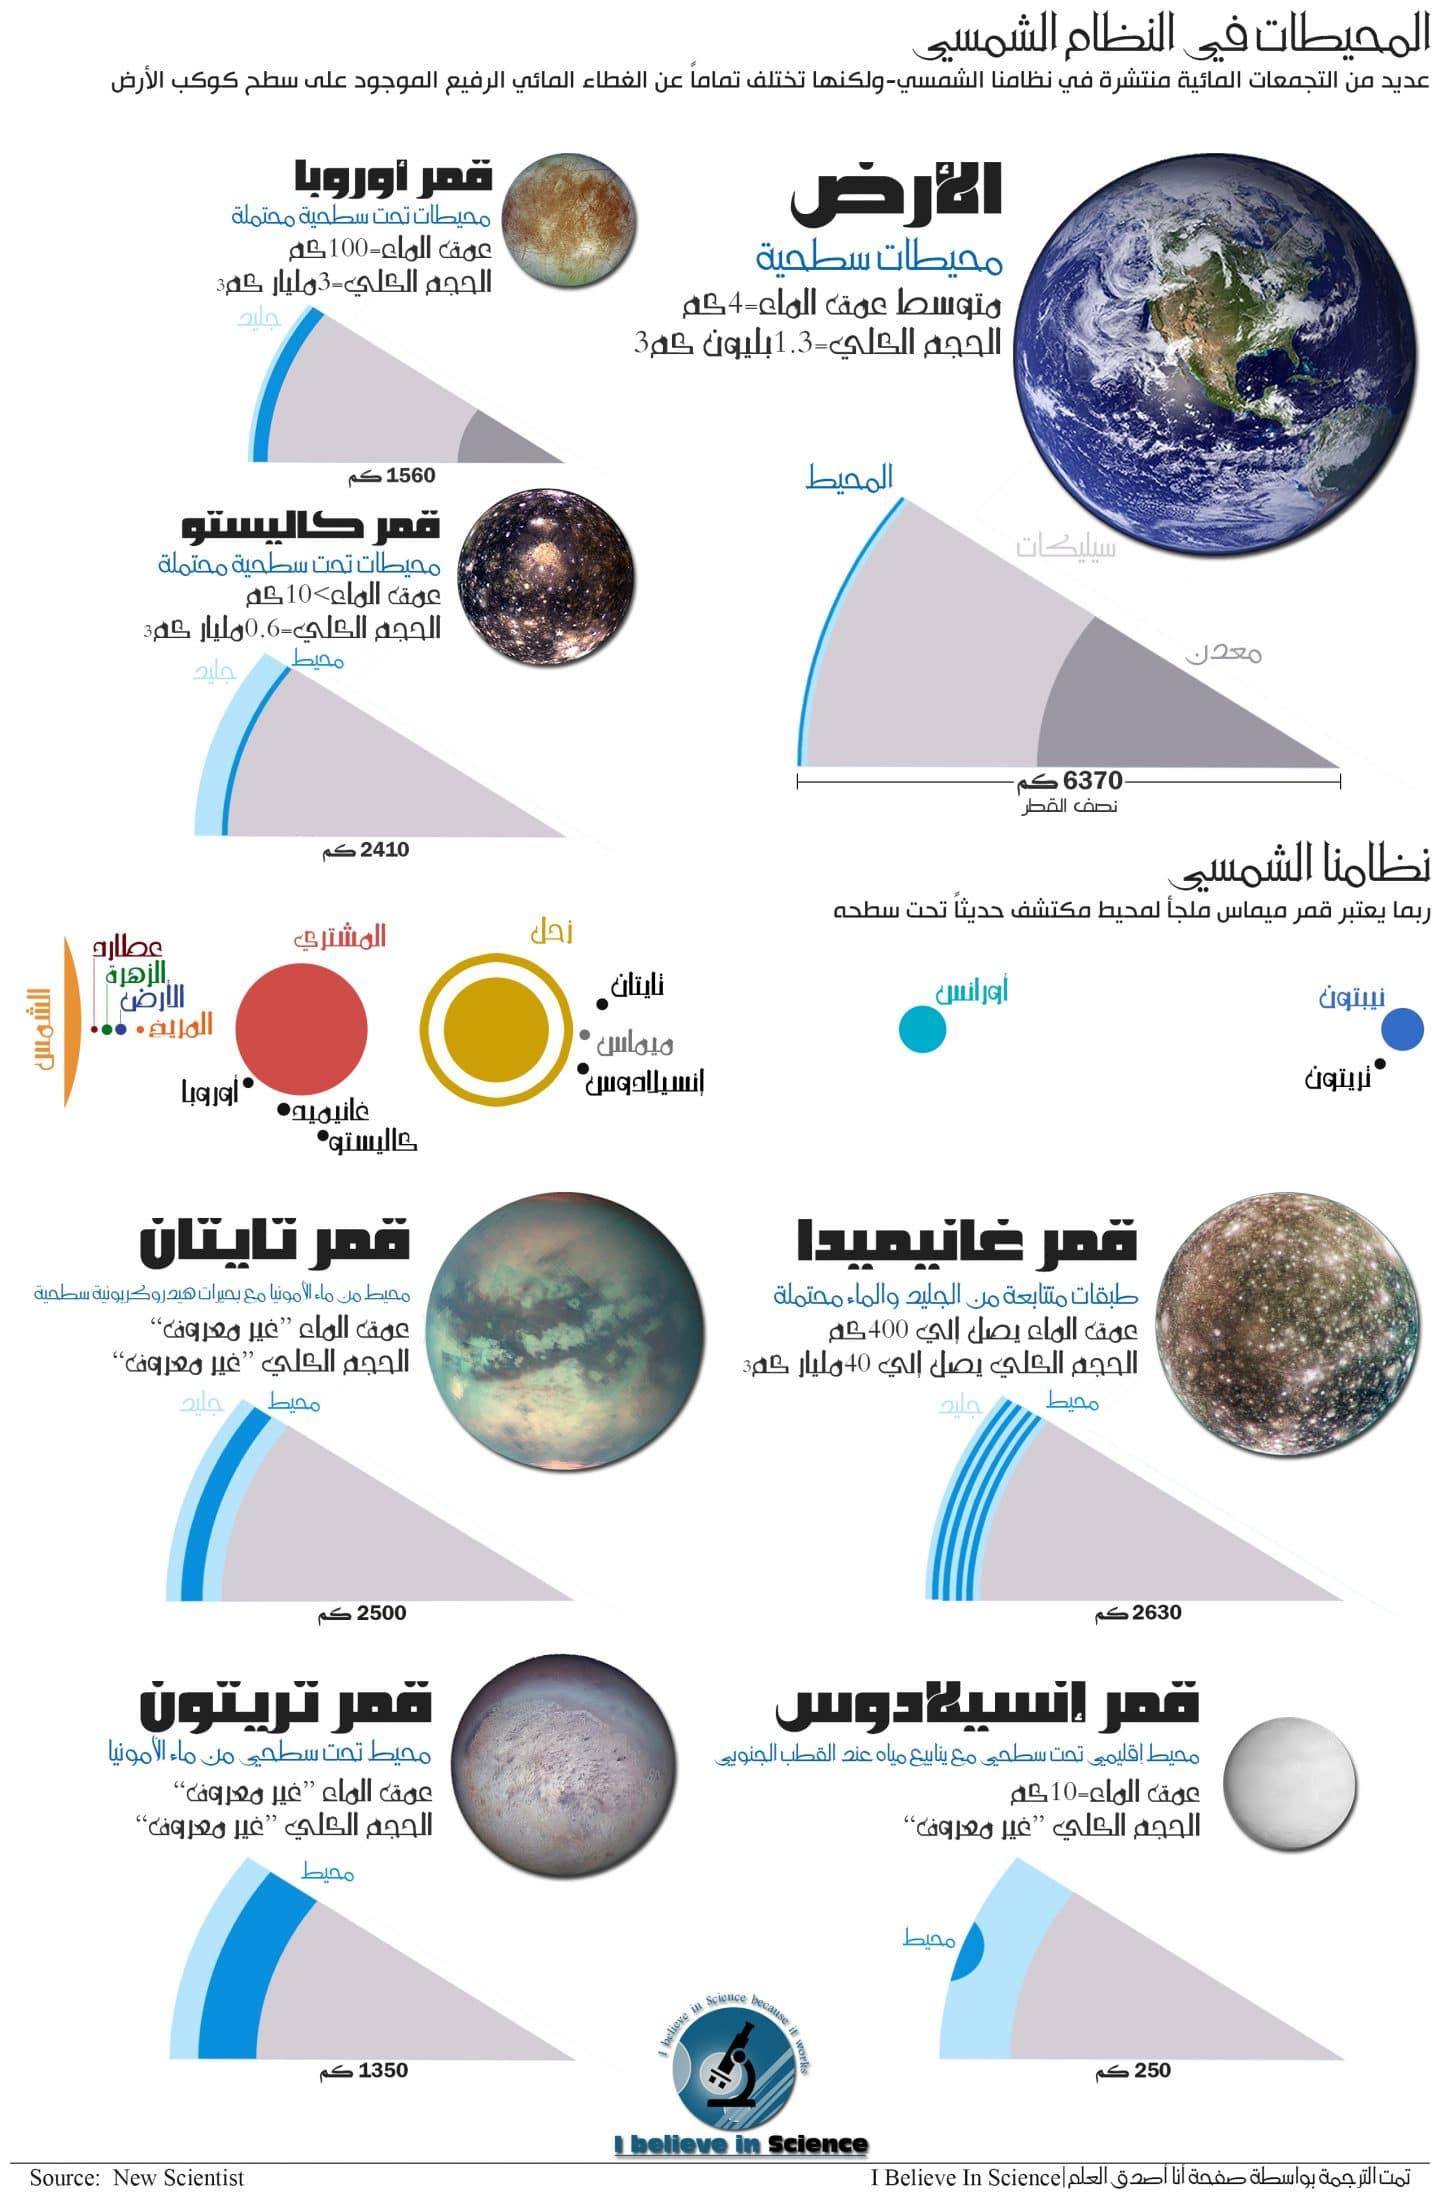 المحيطات في النظام الشمسي